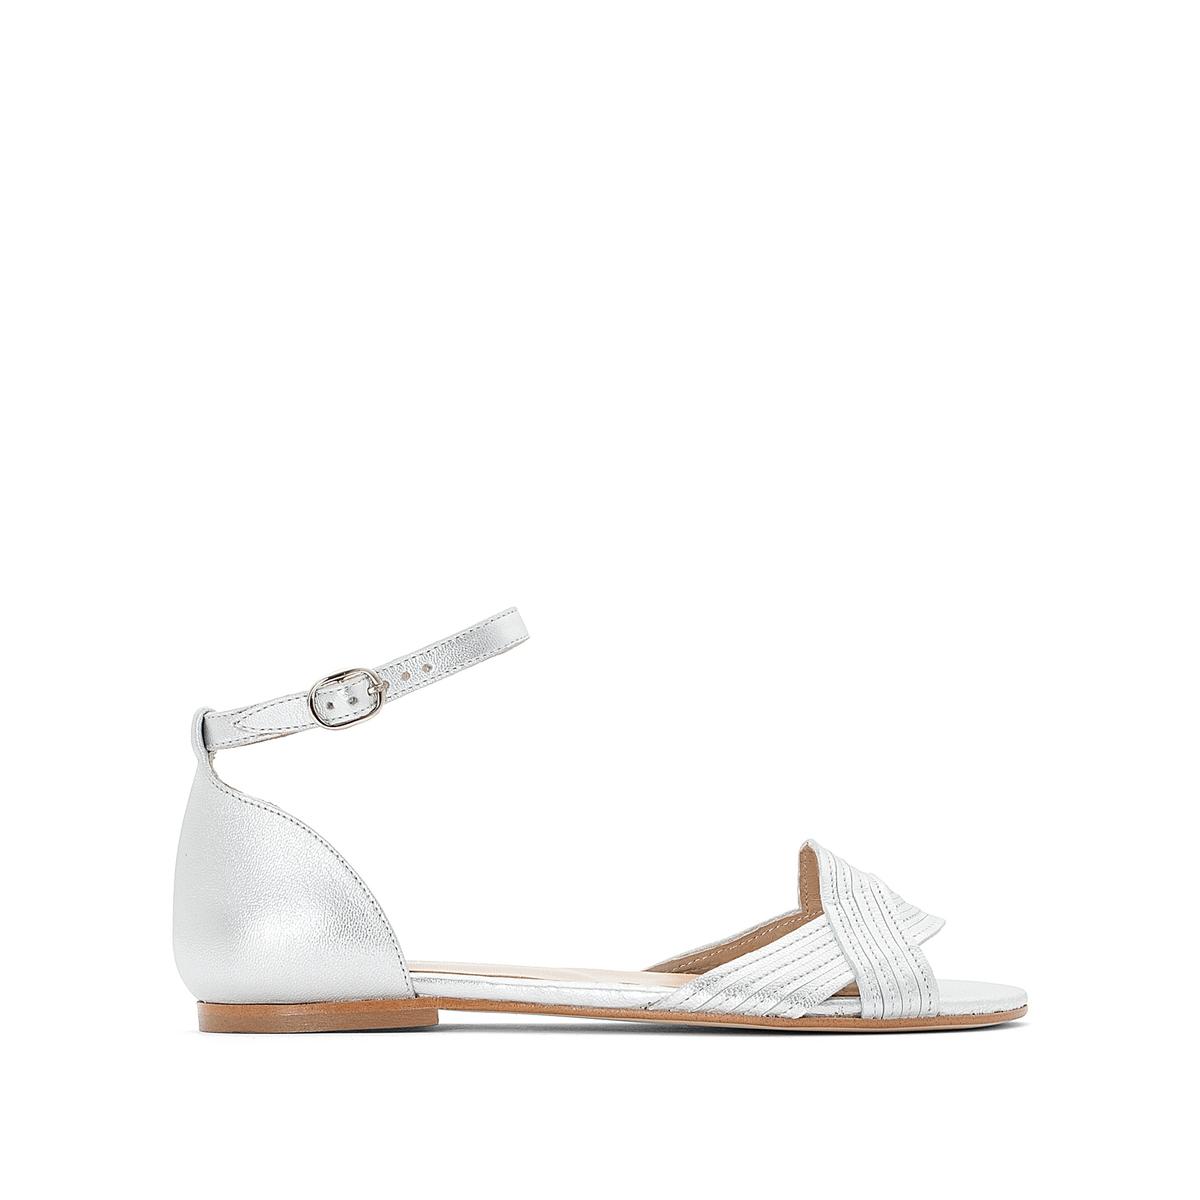 Босоножки кожаные на плоской подошве, Diaza женская обувь на плоской подошве 2015